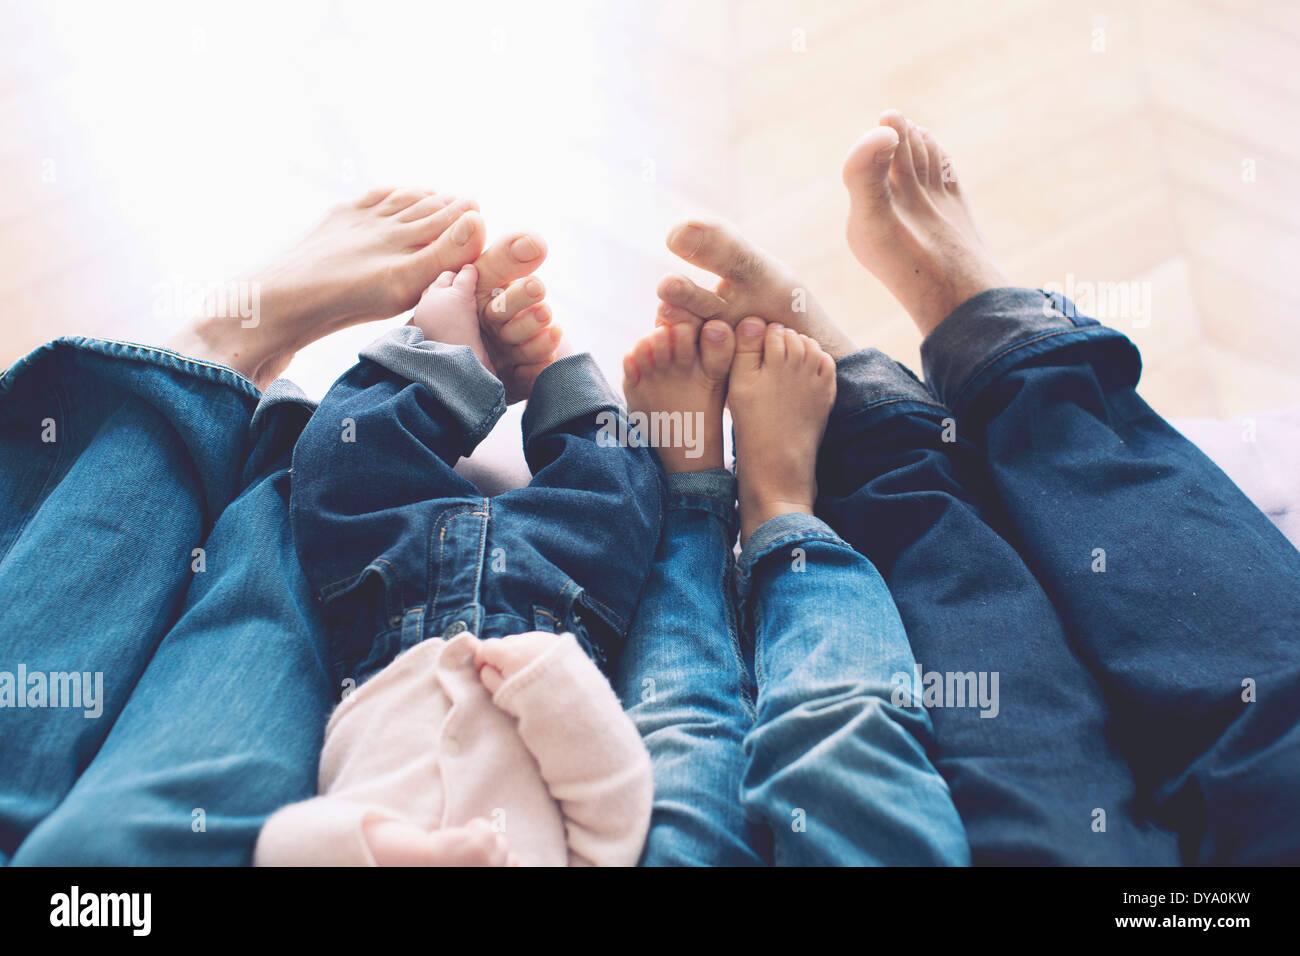 Piernas y barefeet tendida de familia con dos hijos Imagen De Stock